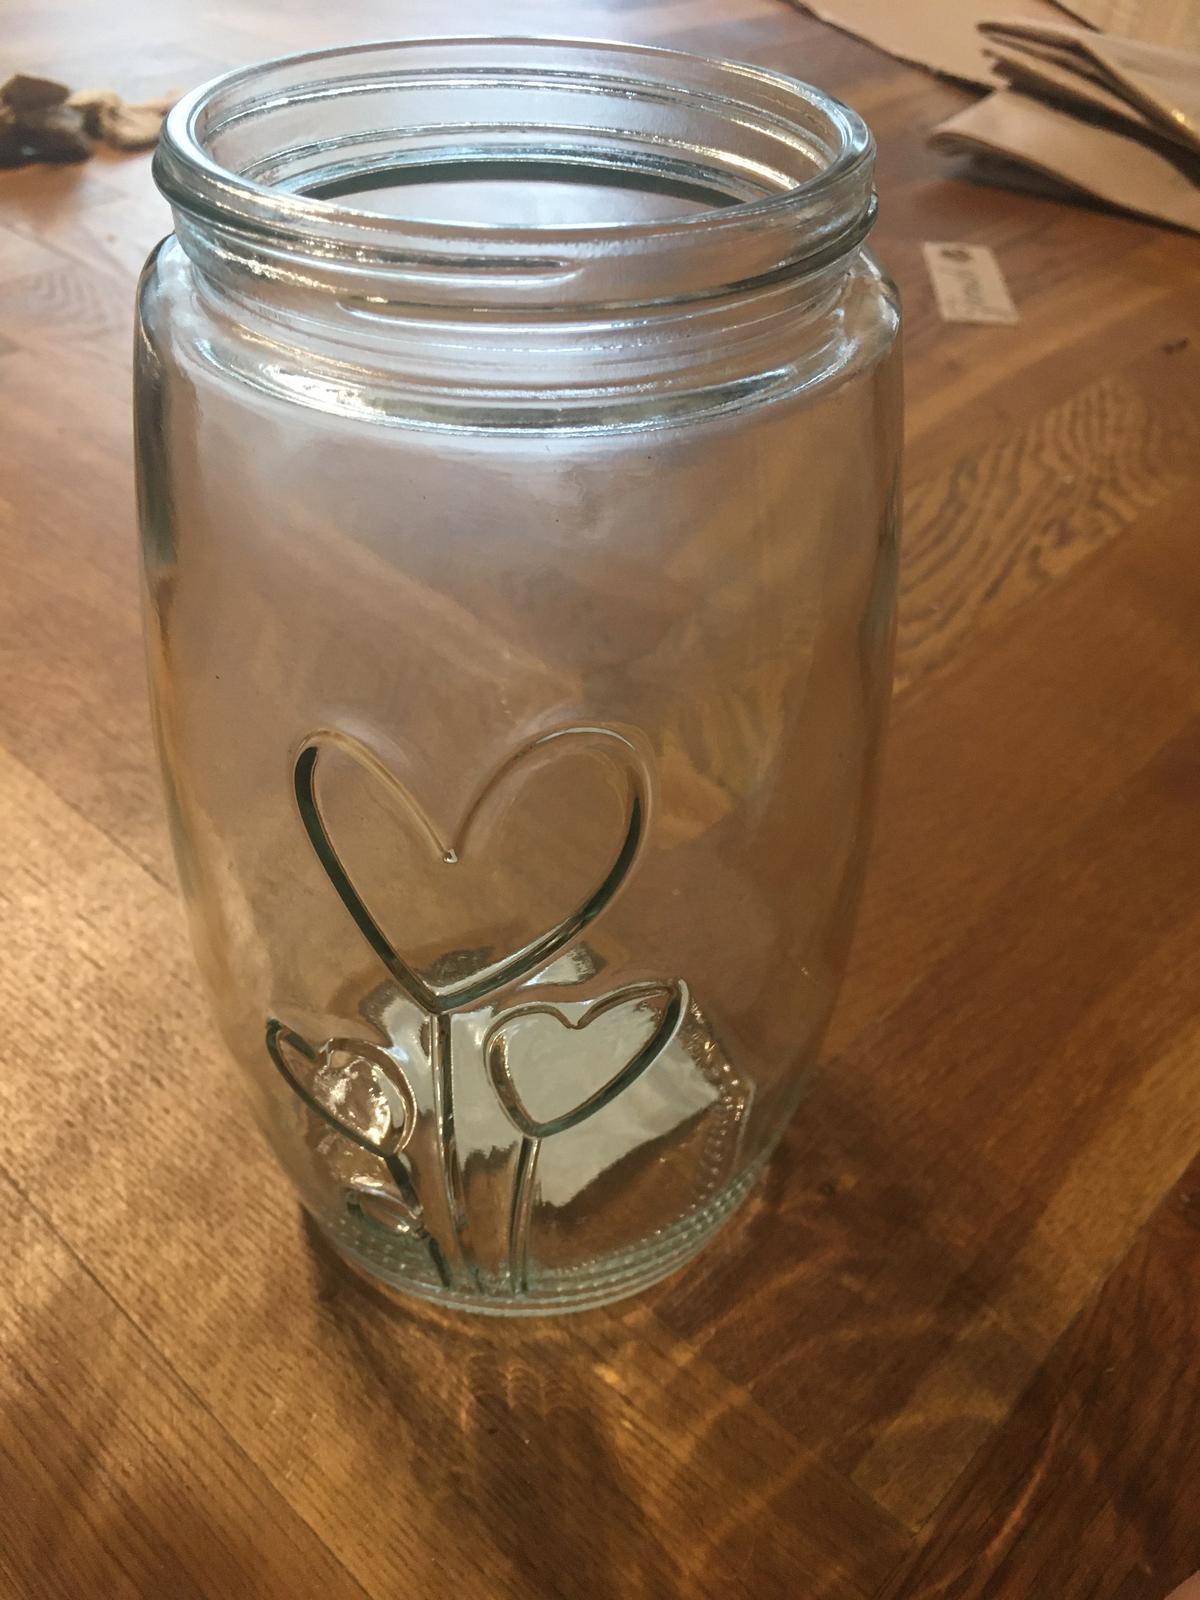 skleněná váza - Obrázek č. 1